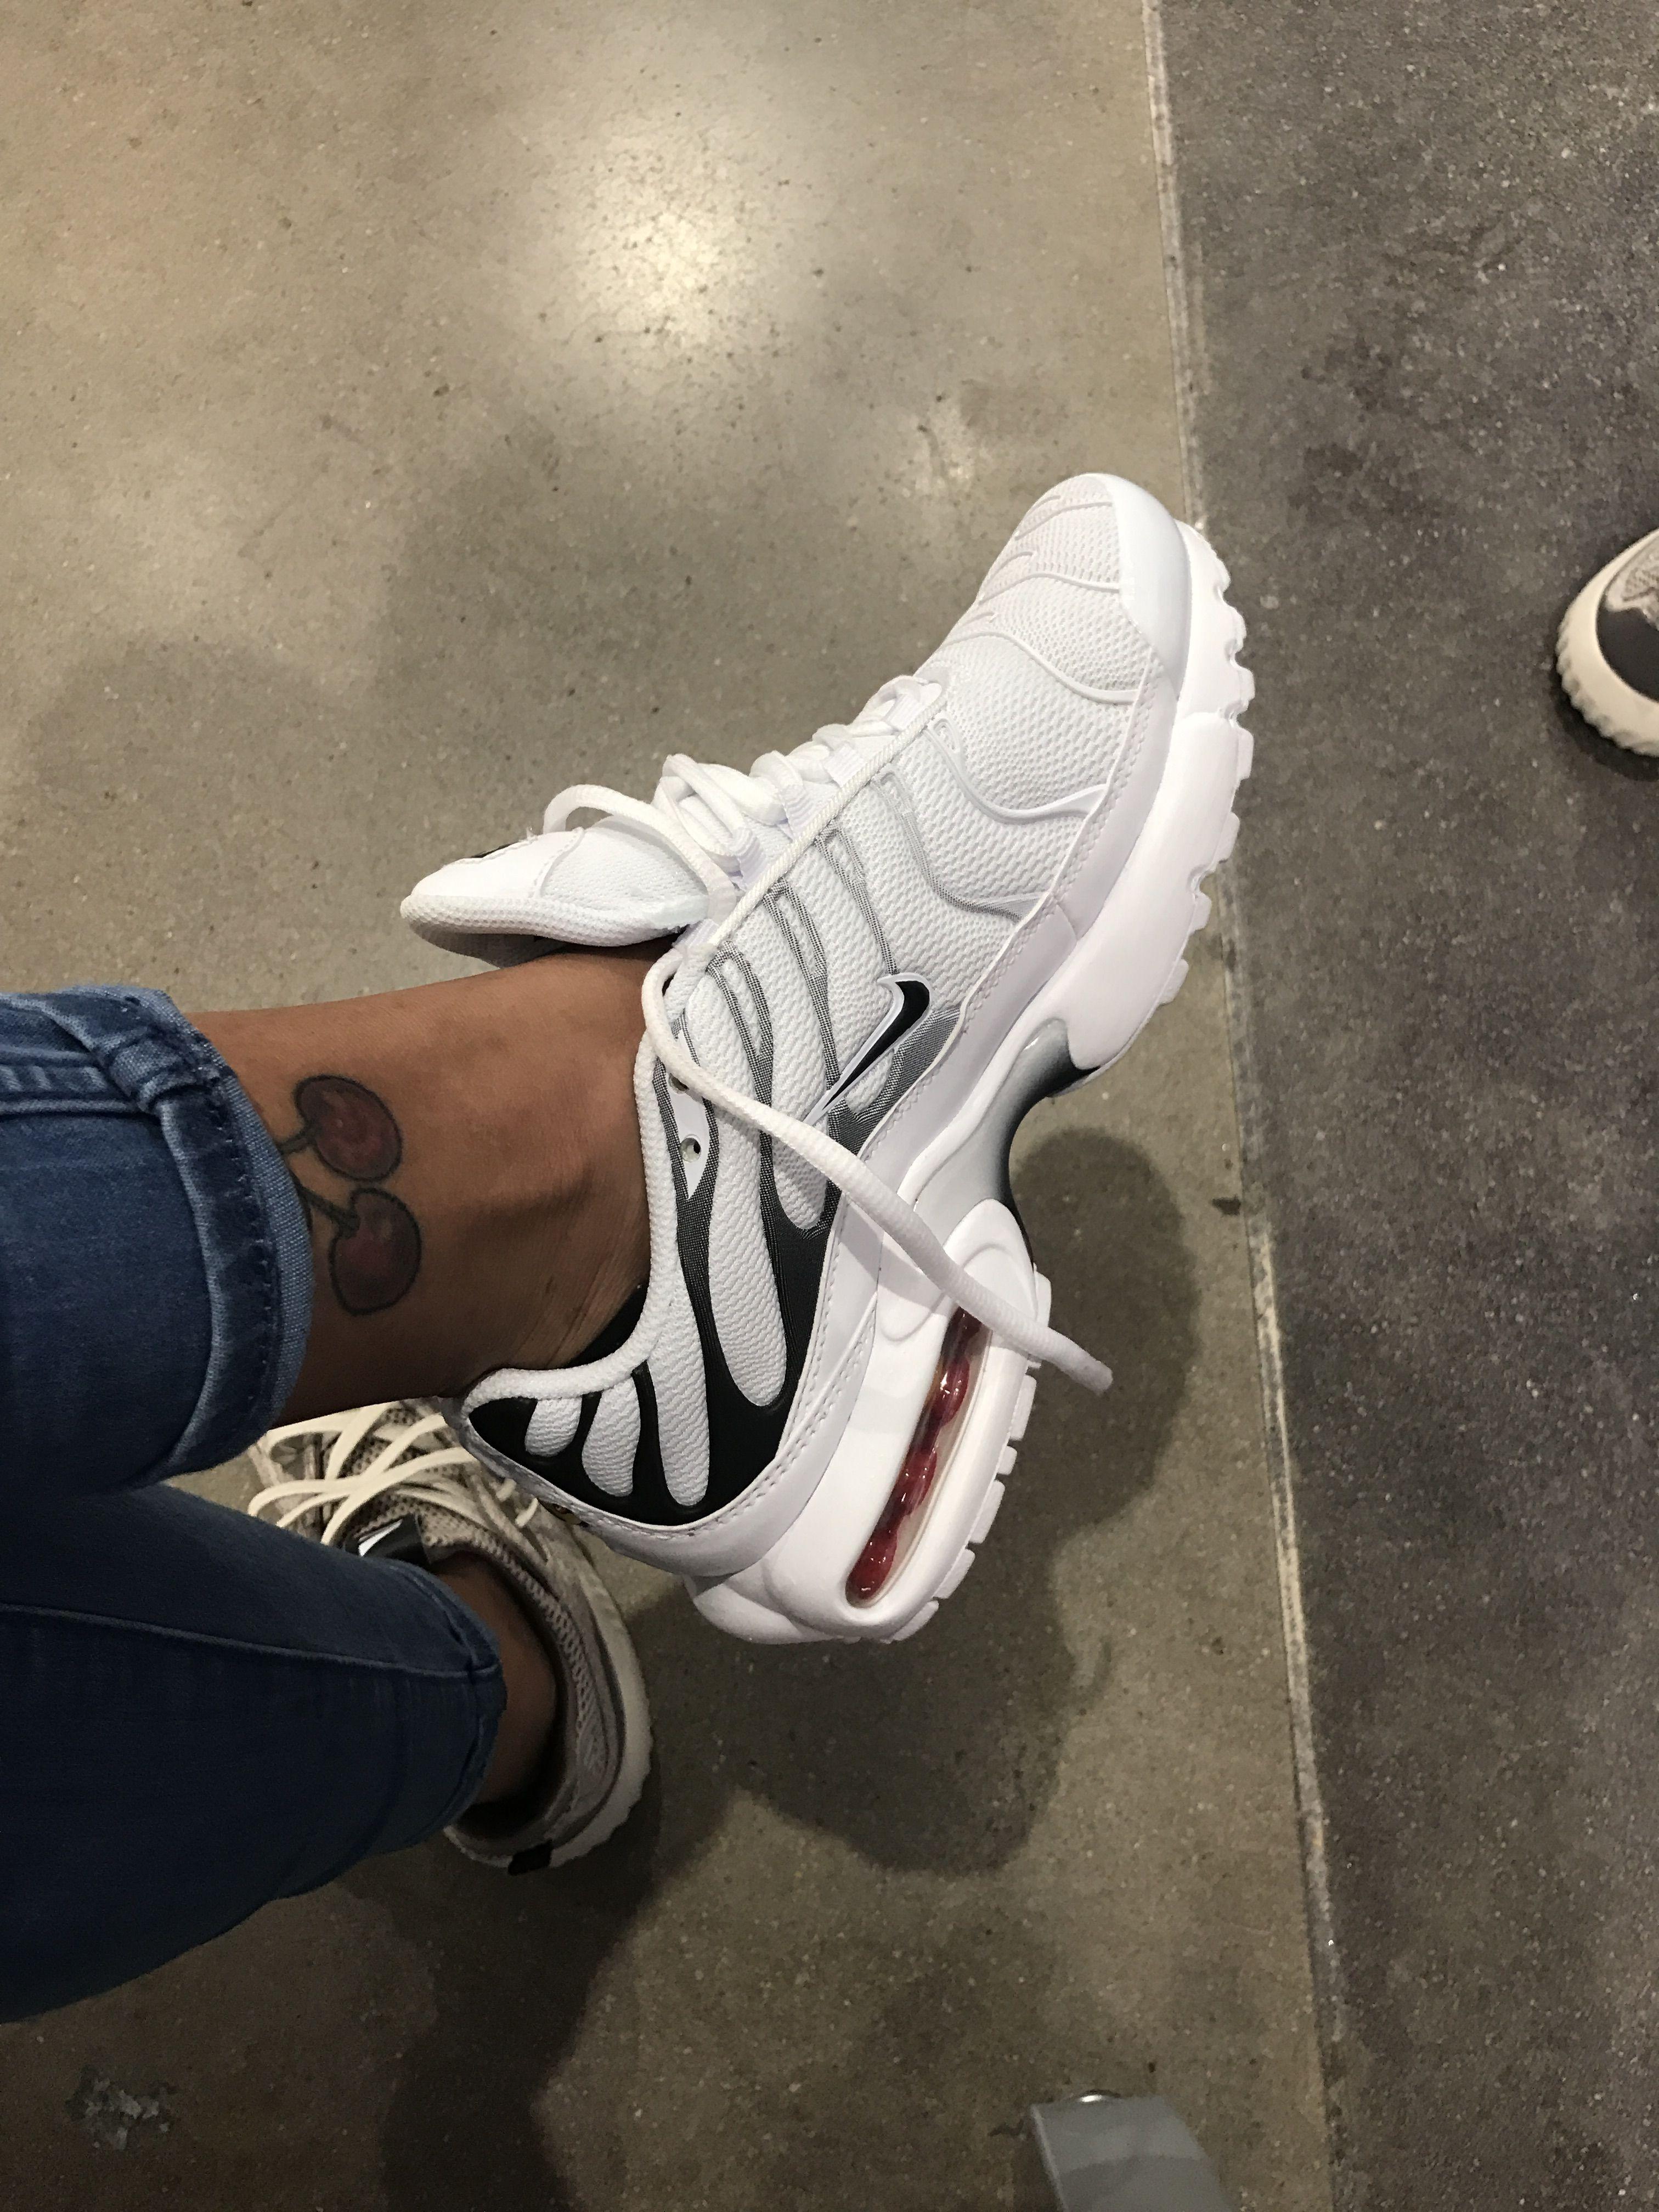 Nike Air Max Tn Nike Air Max Tn Sneakers Nike Air Max Plus